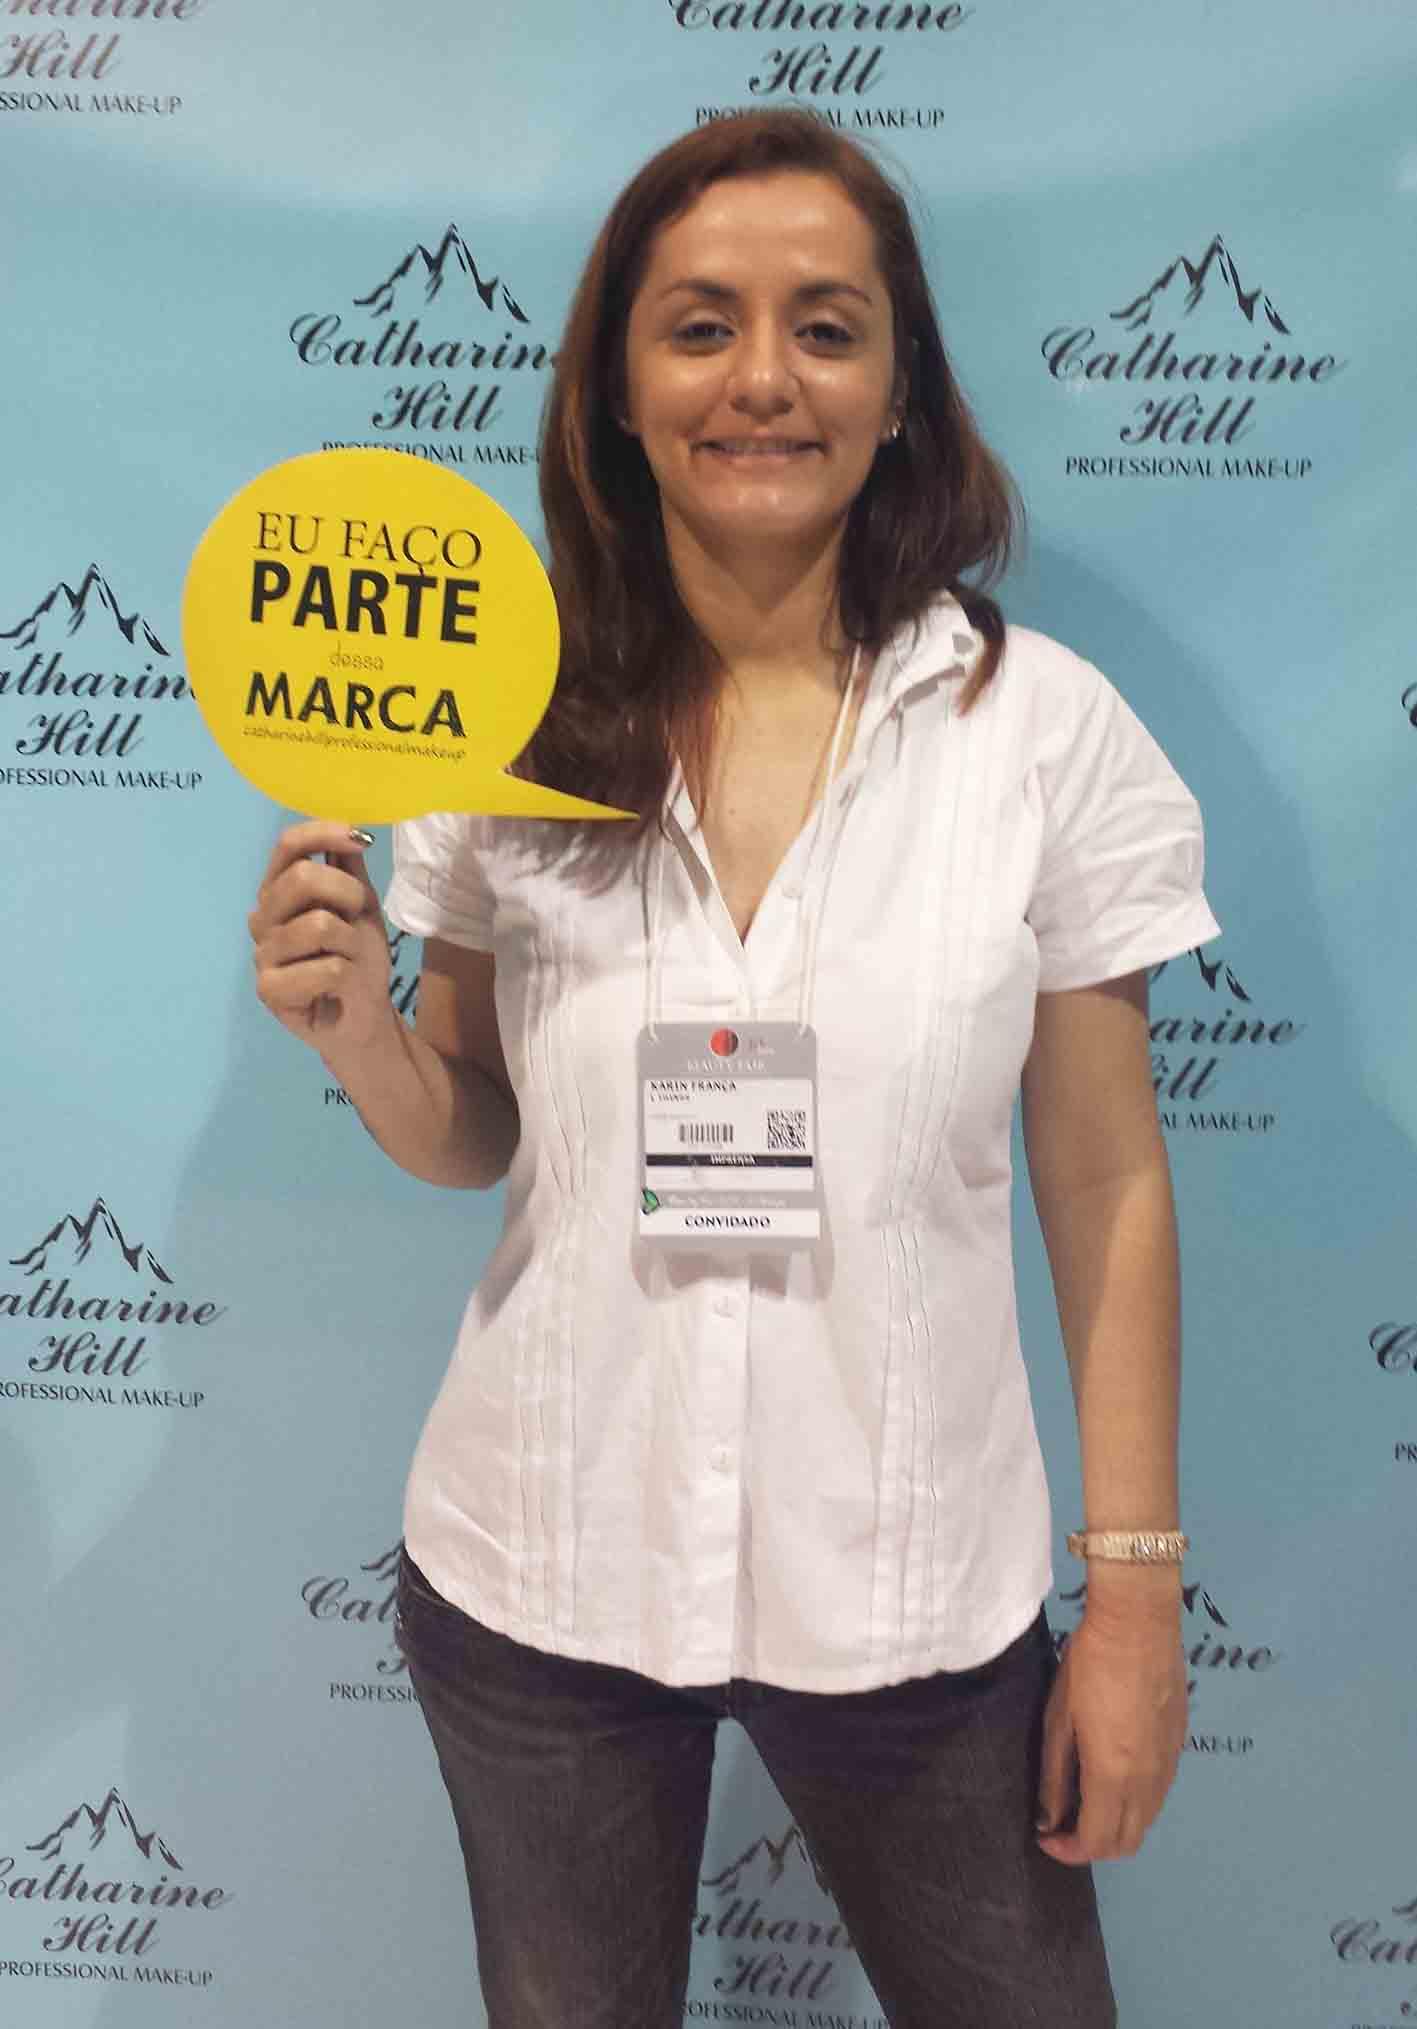 catharinehillbeautyfair2014